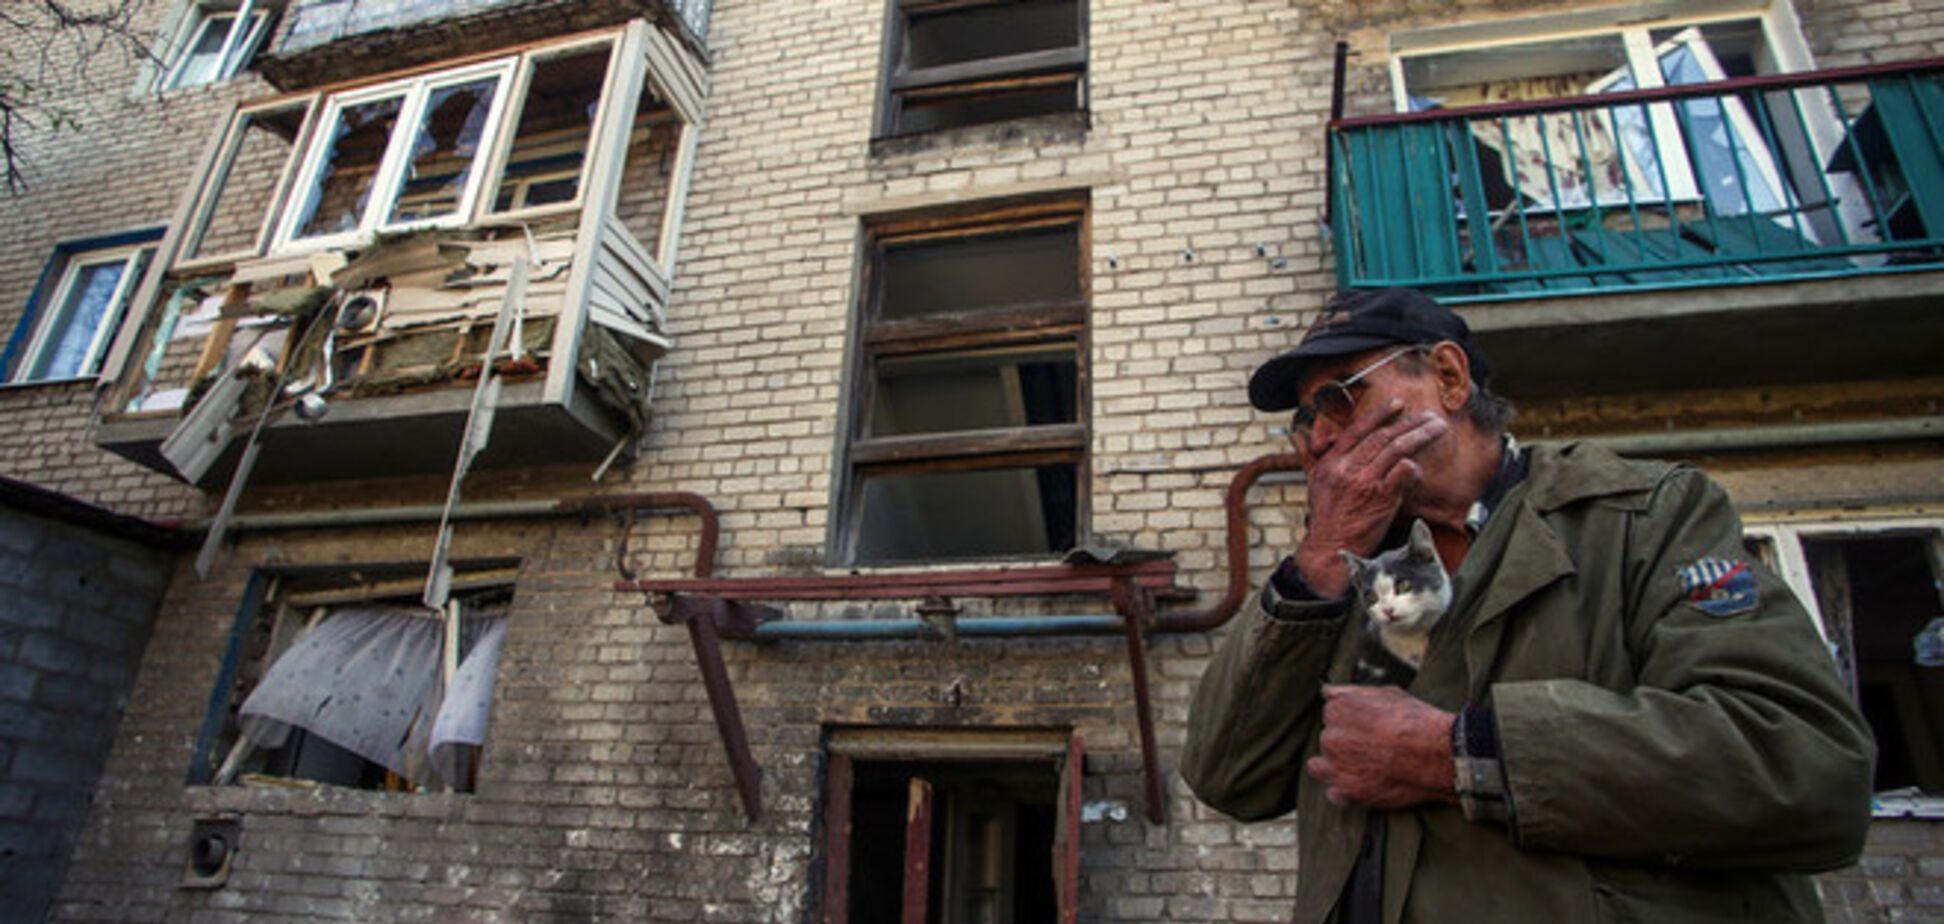 Хроніка війни на Донбасі: від мітингів до танків